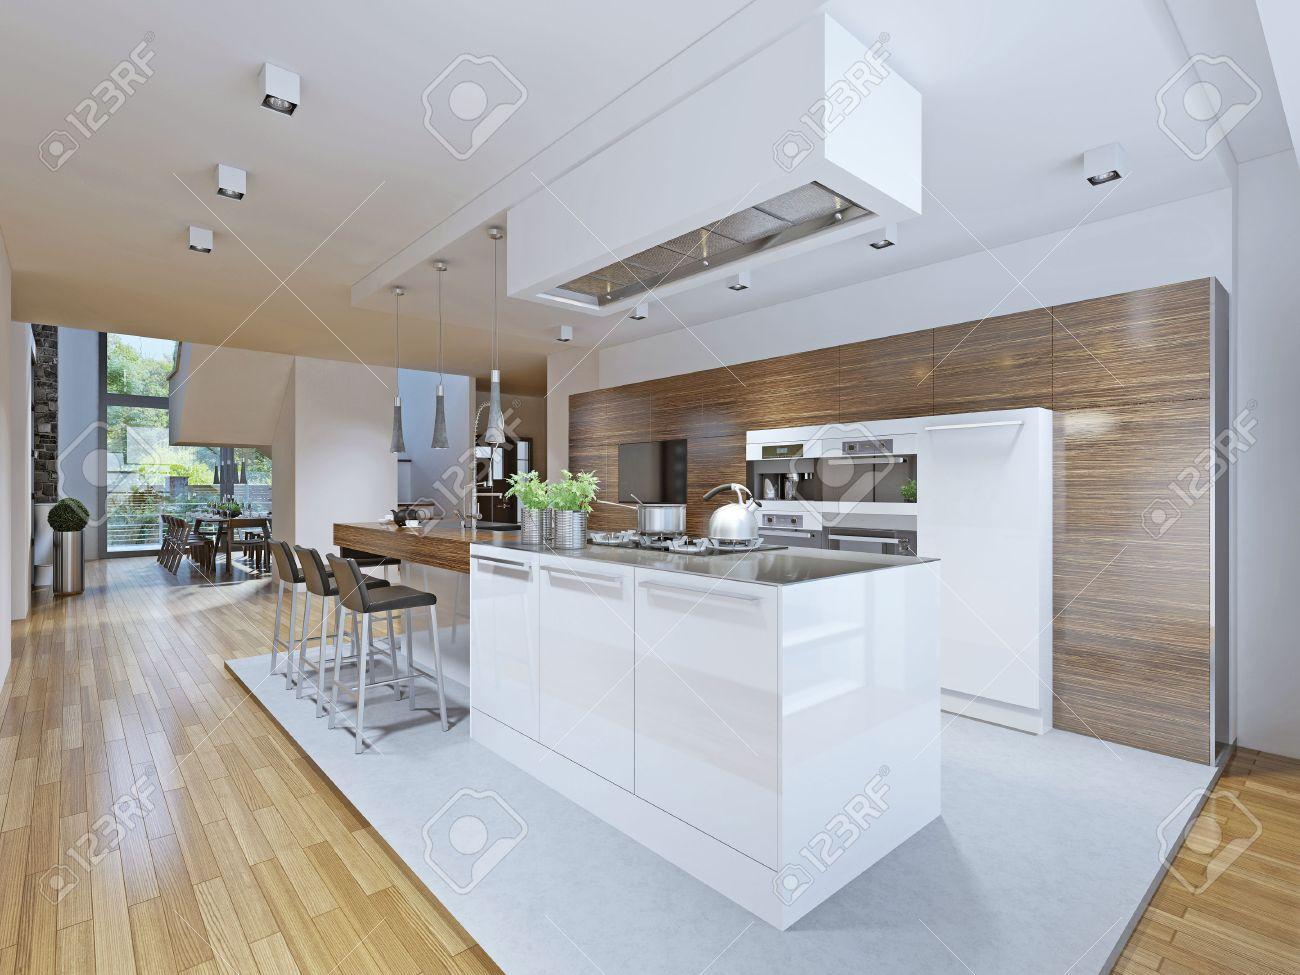 Helle Küche Avantgarde-Stil. Küchenschränke Und Arbeitsplatte Bar ...